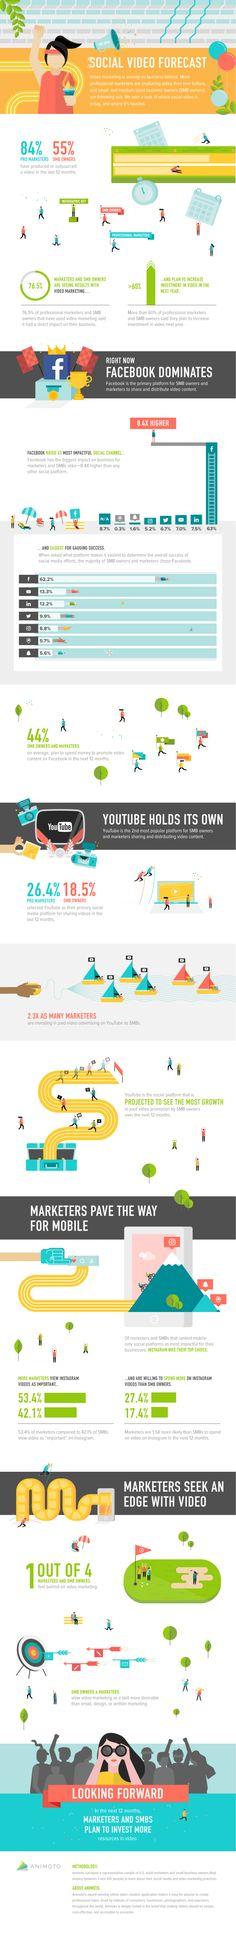 #Infographie : de l'importance des vidéos dans les réseaux sociaux | Marketers